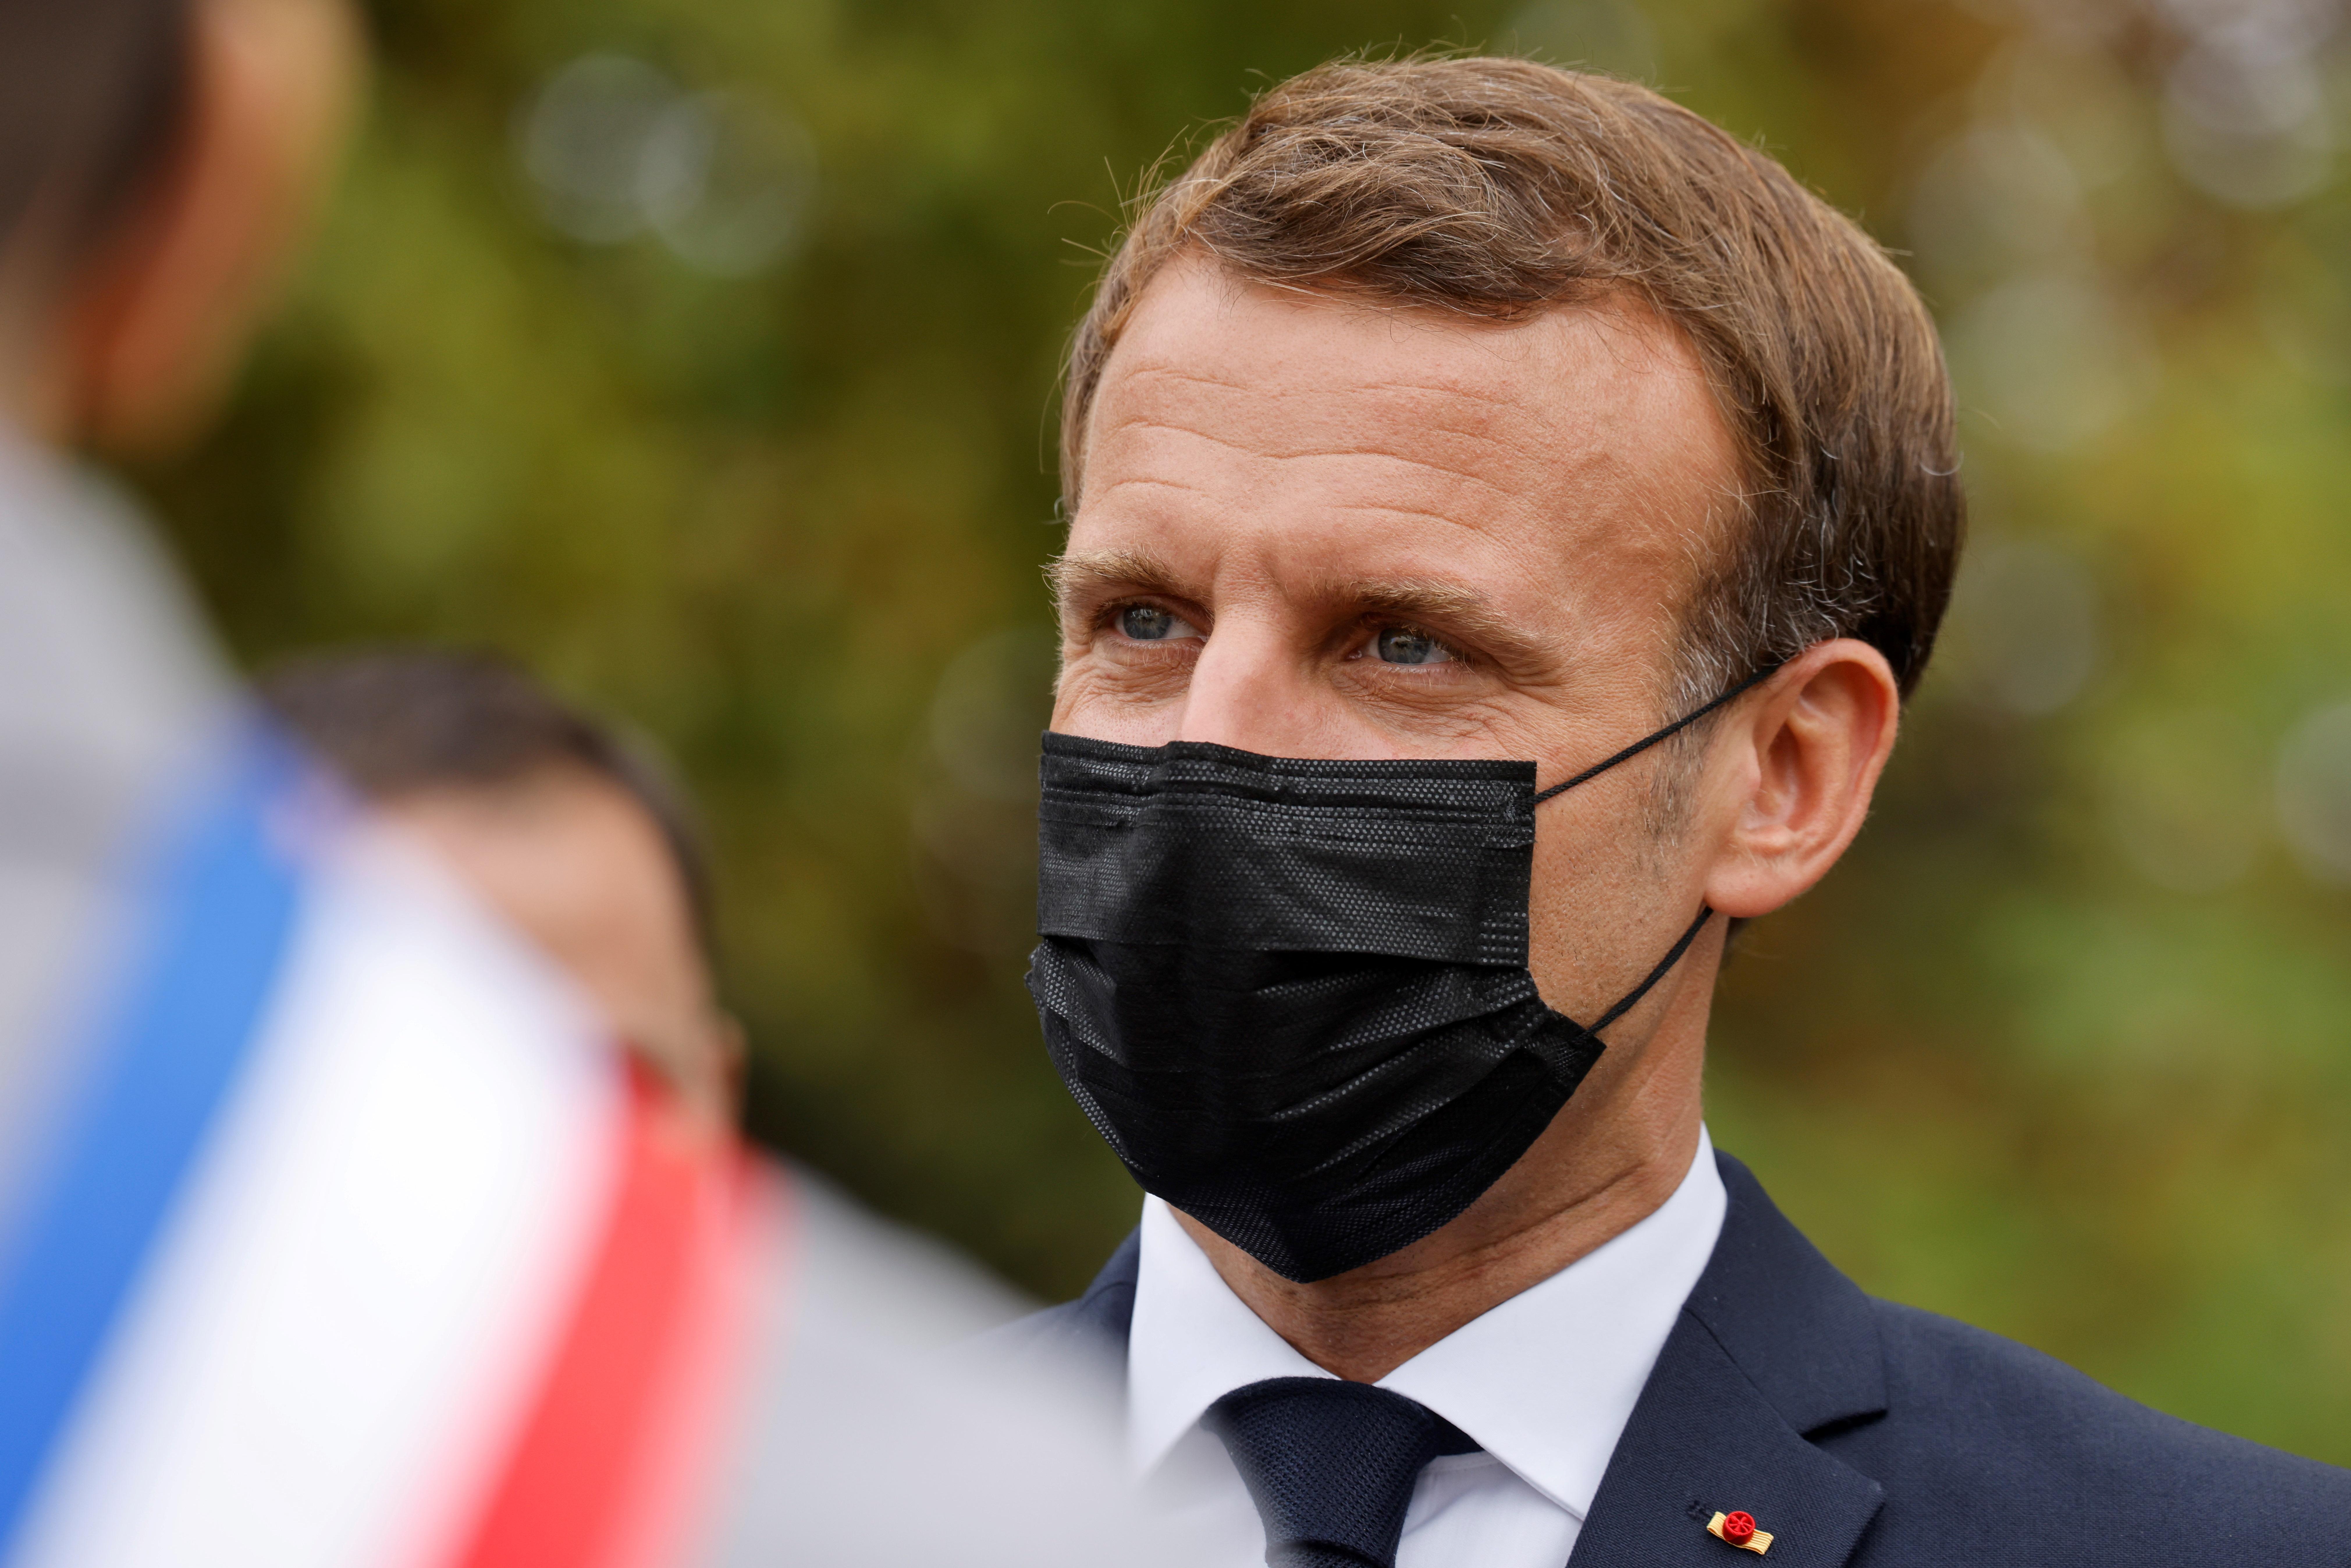 Az iszlamista szeparatizmus elleni harcot jelentette be Macron